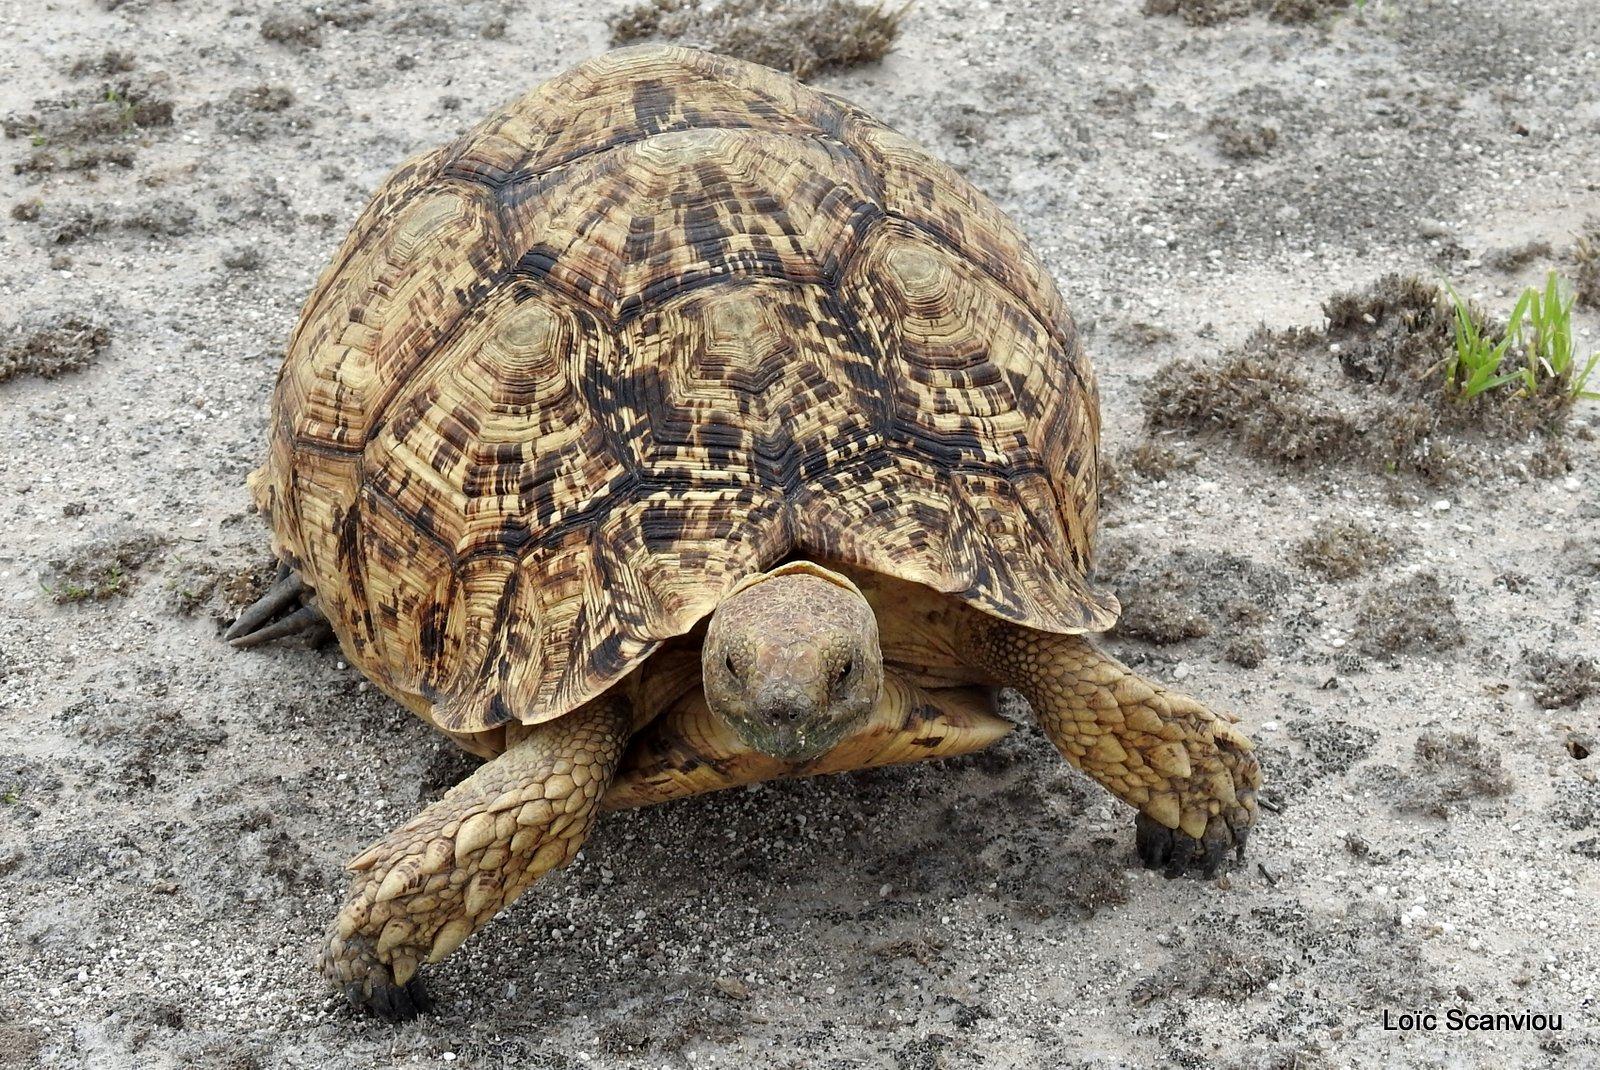 Tortue Lopard/Leopard Tortoise (3)